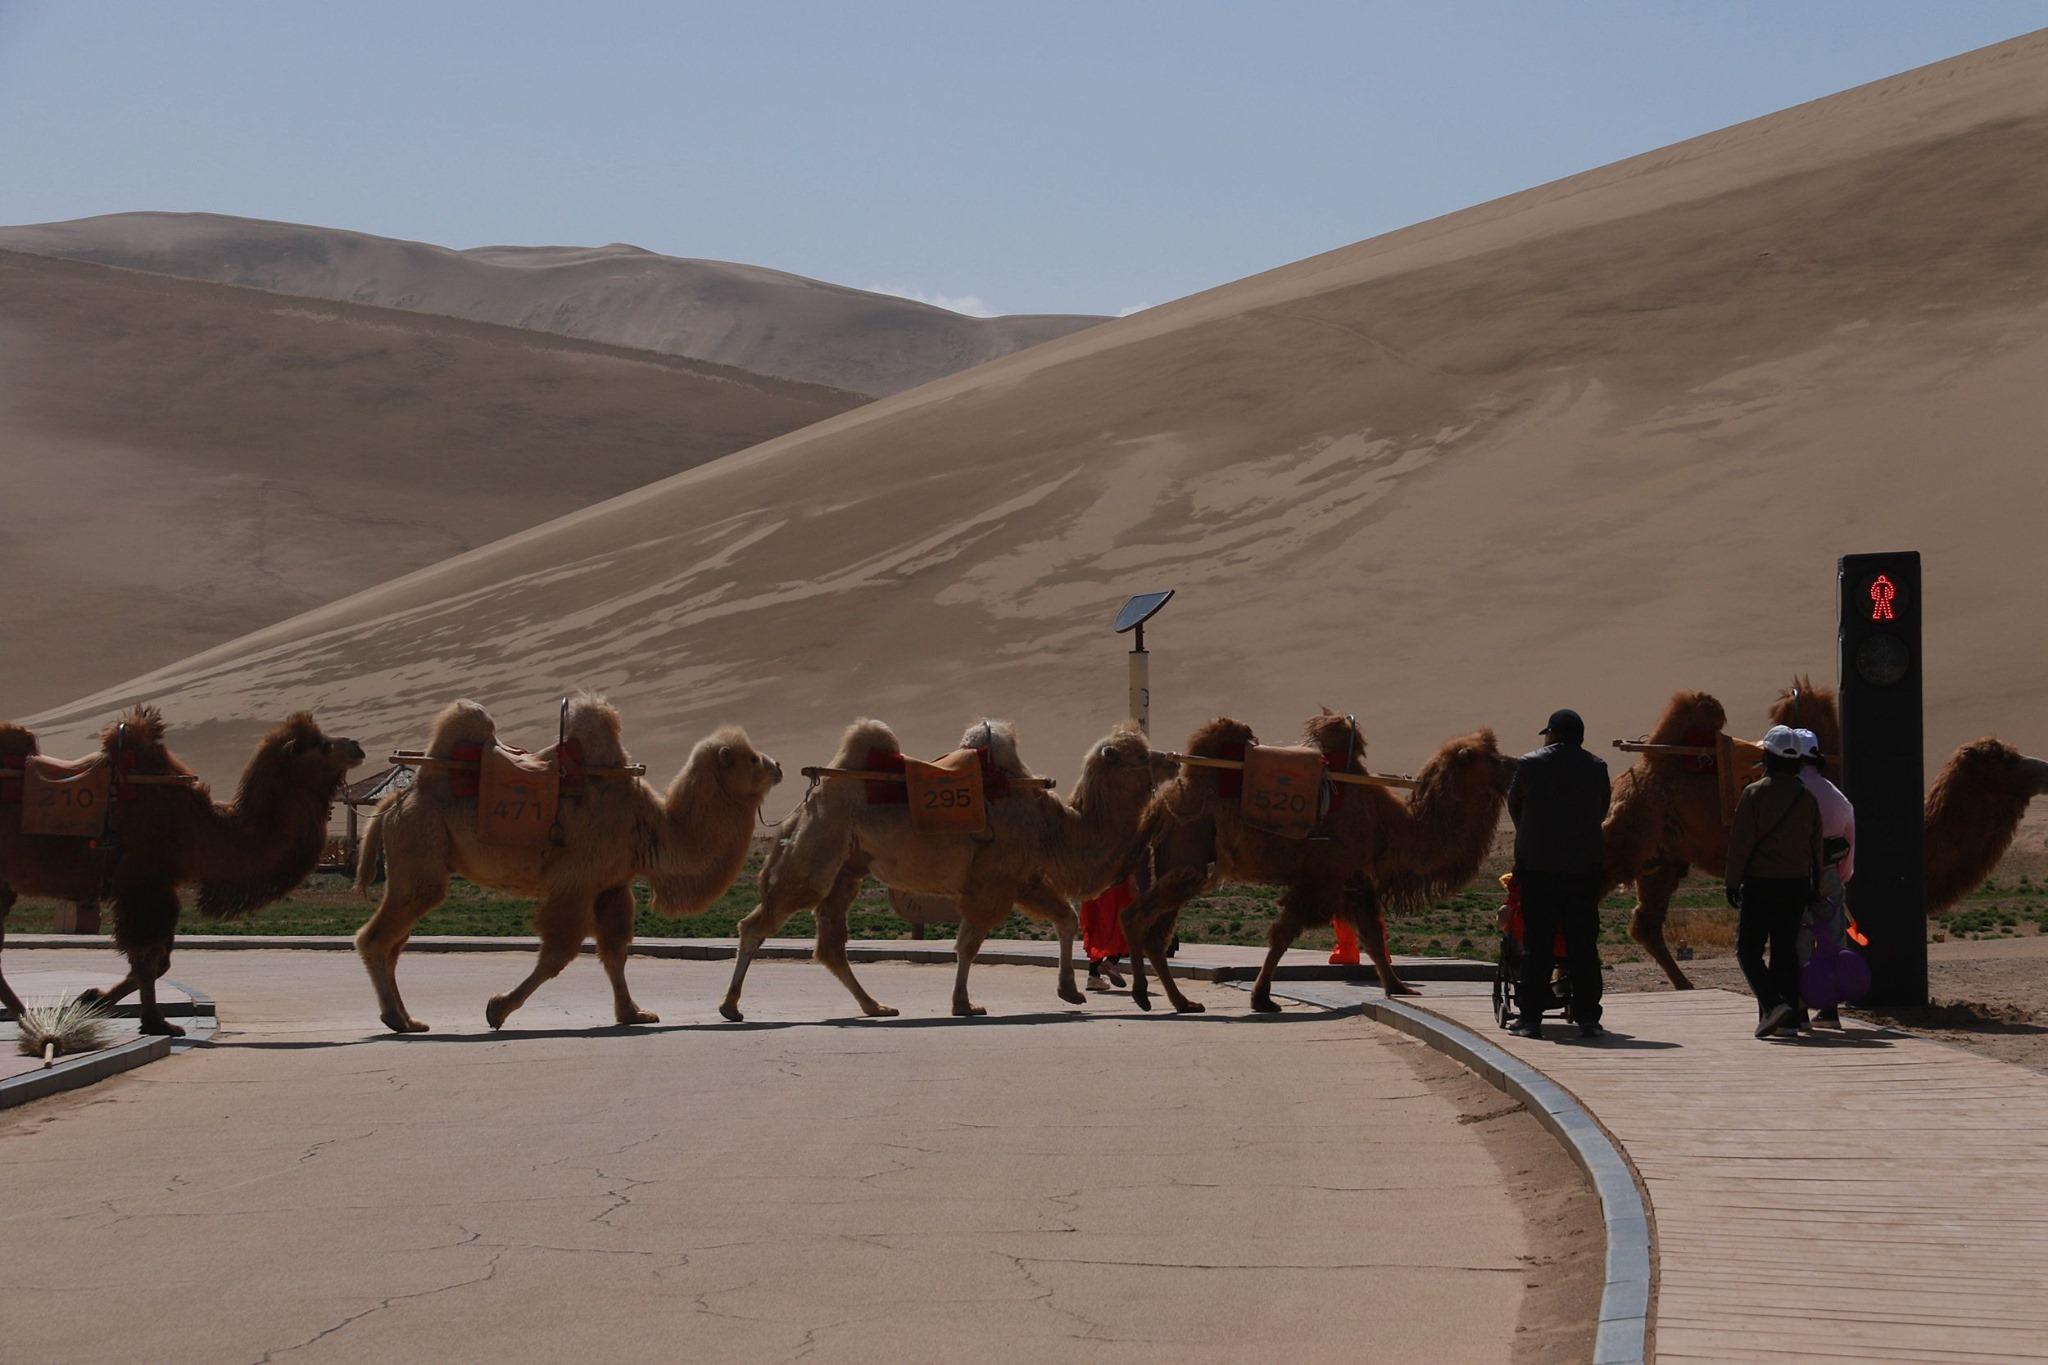 перший у світі світлофор для верблюдів